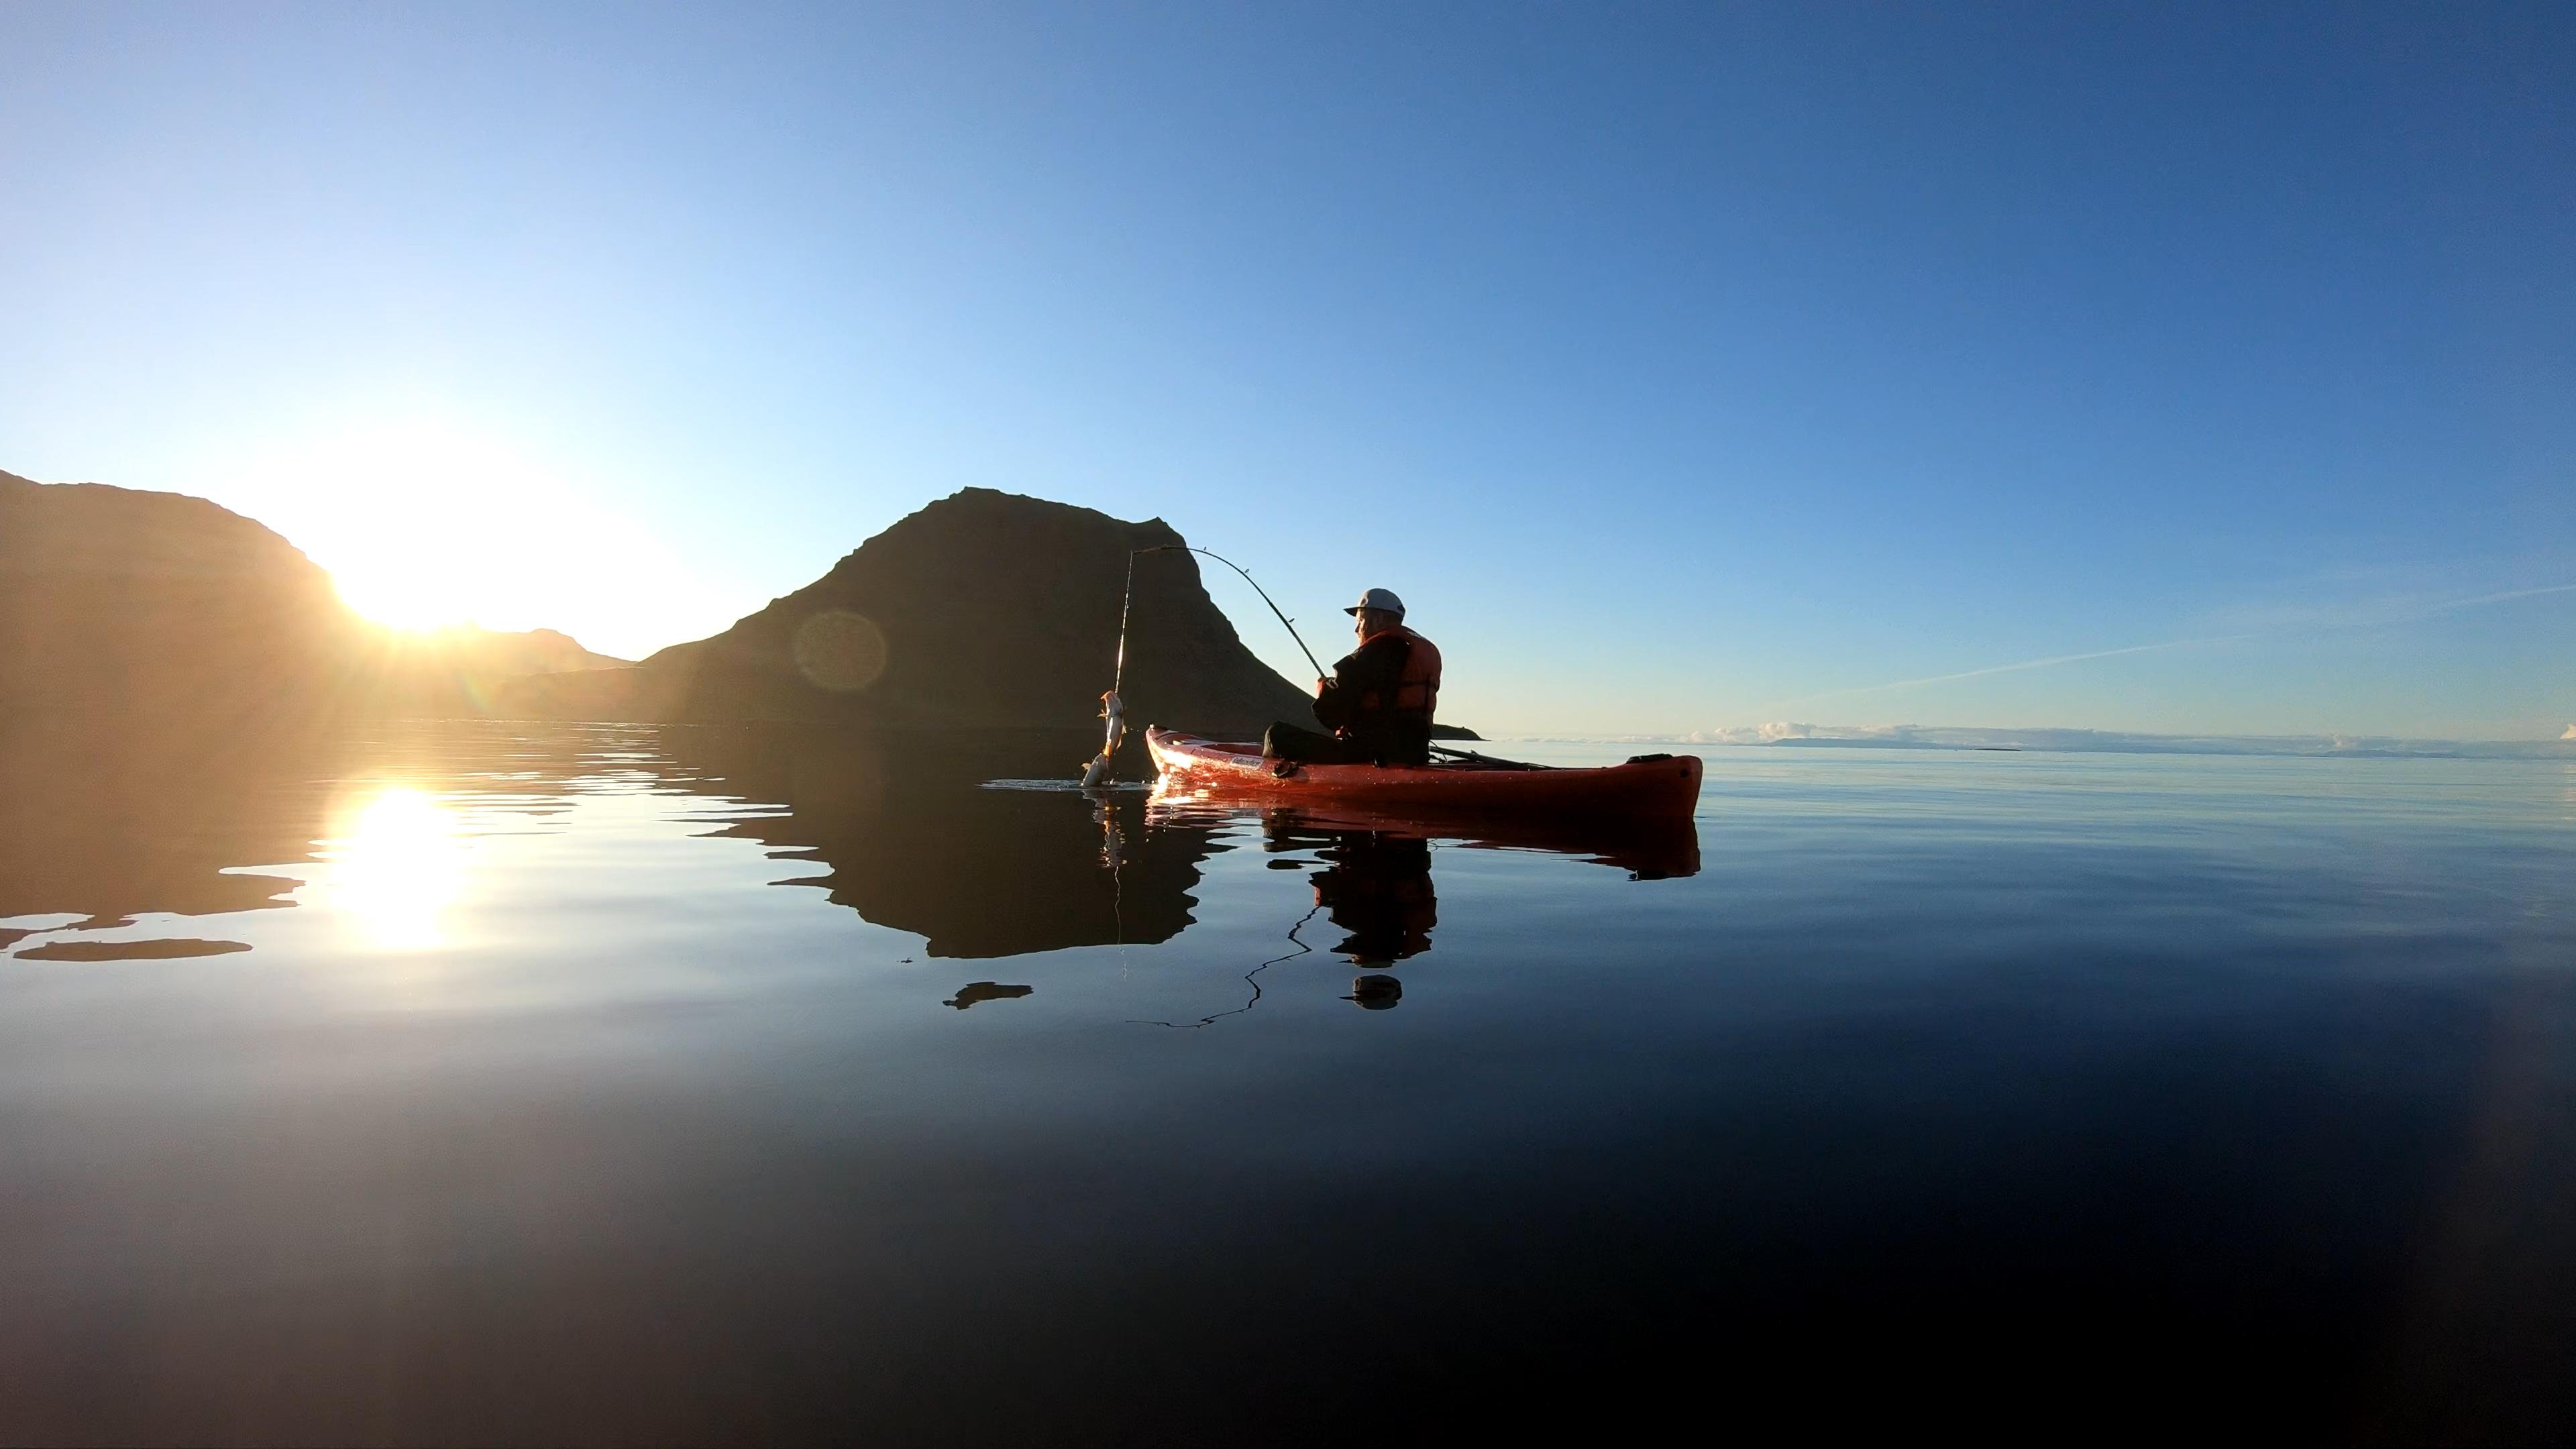 아이슬란드를 상징하는 키르큐펠 산 끝자락에서 즐기는 낚시와 카야킹을 묶은 이색적인 투어에 참여해 보세요!